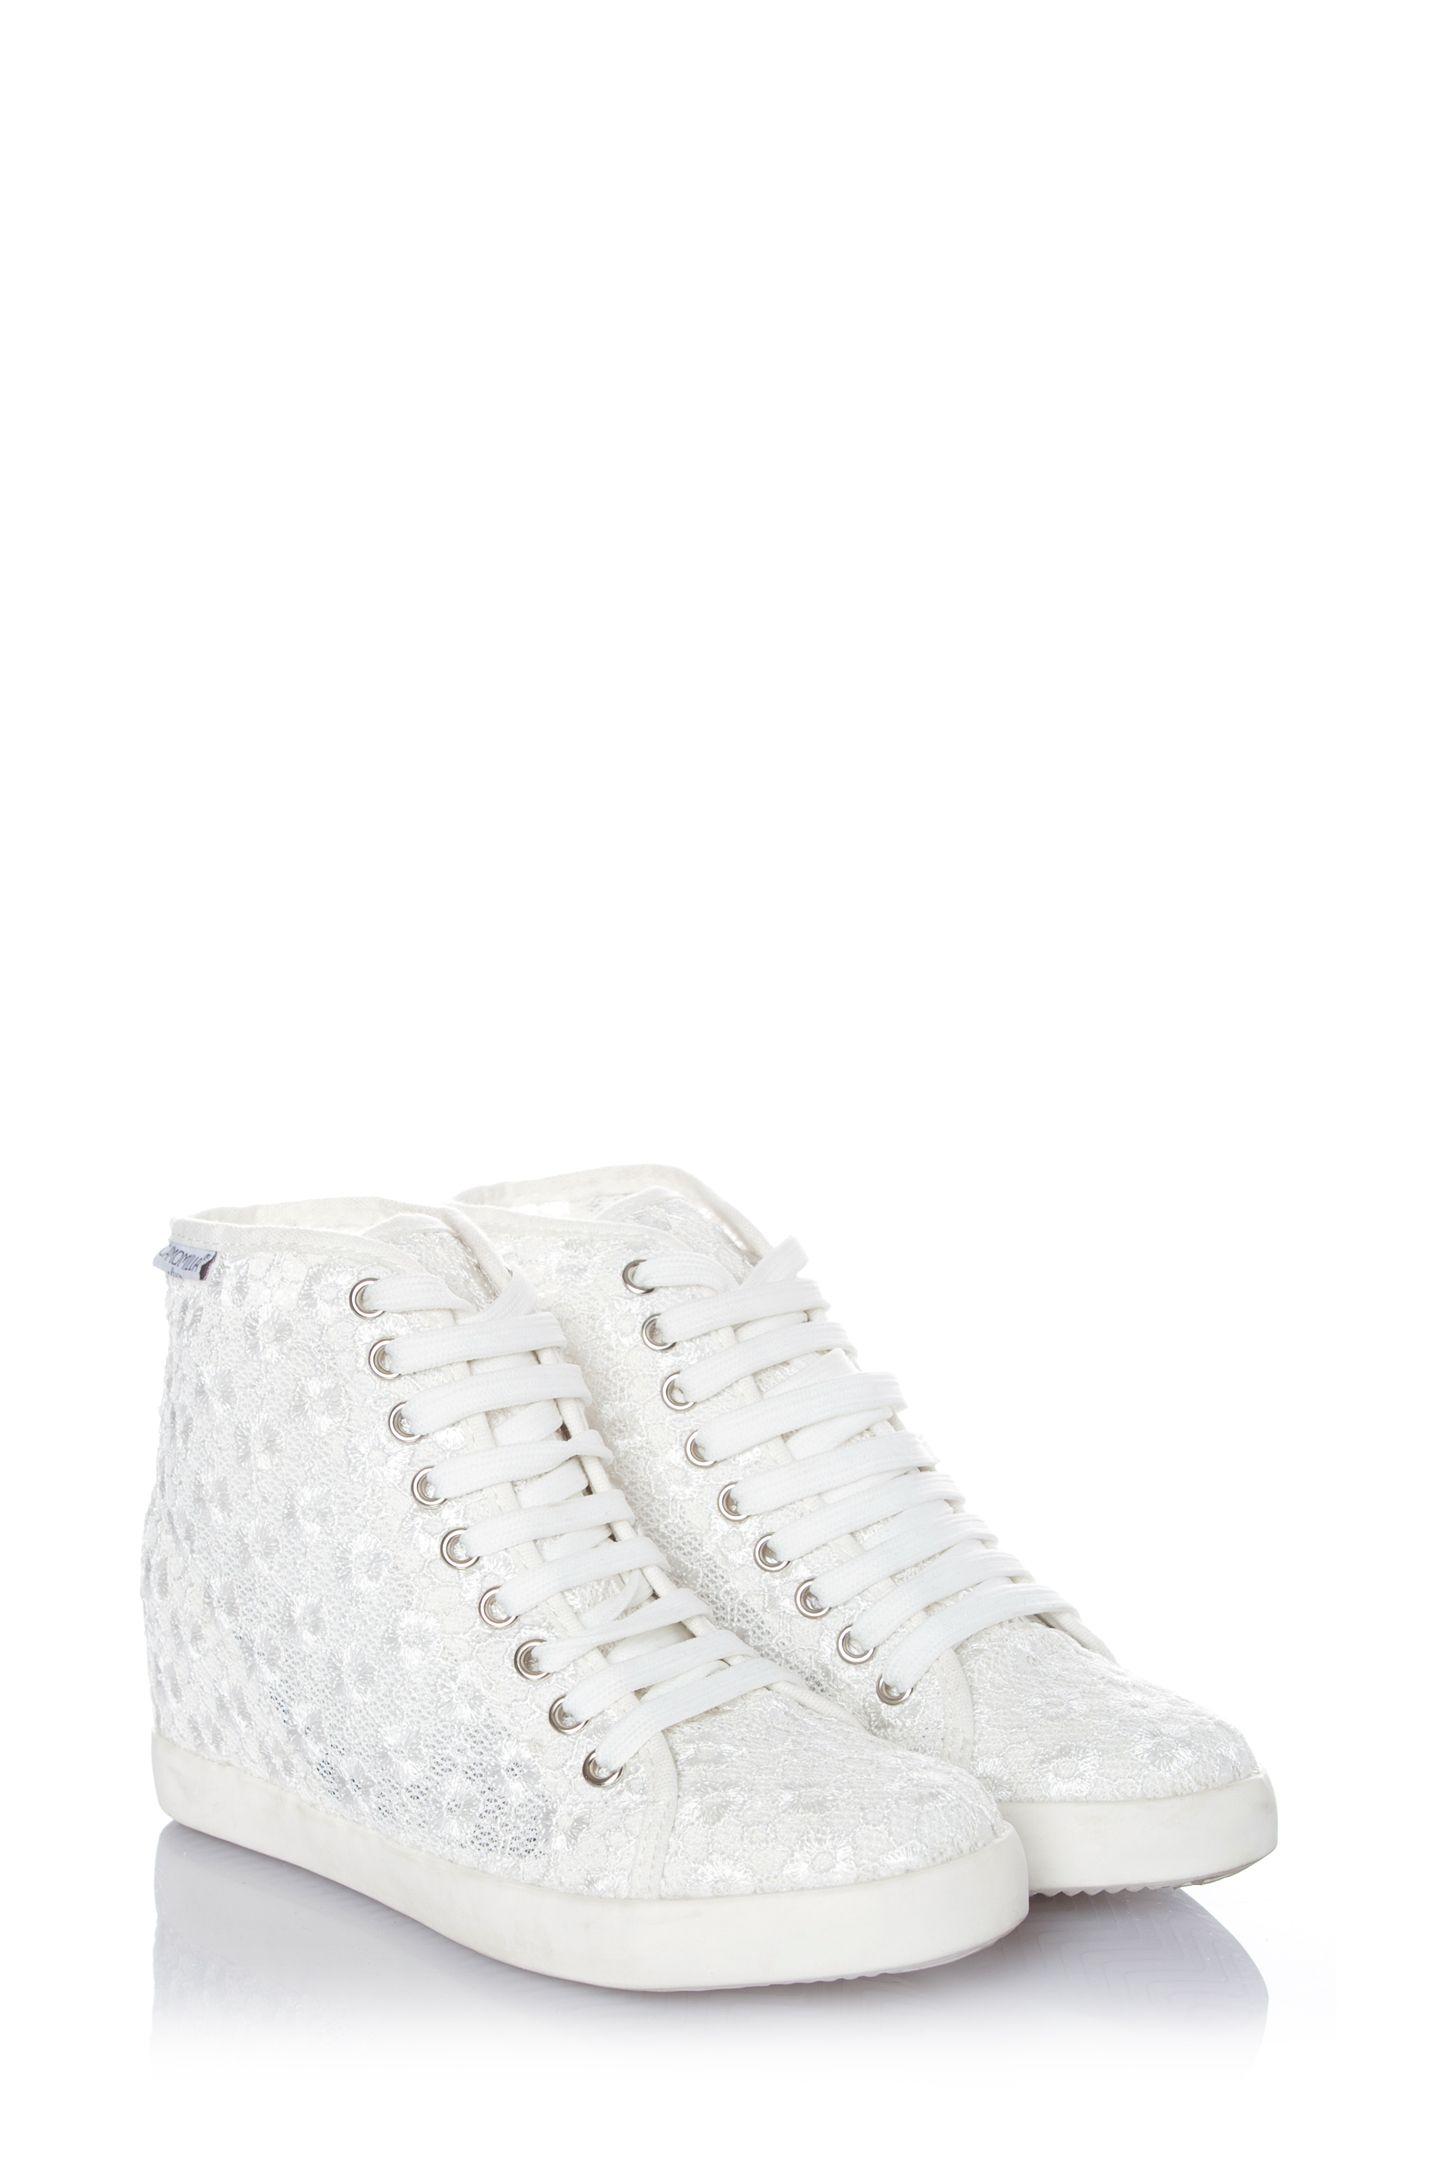 Camomilla Italia - Sneaker in tessuto ricamato con zeppa Susie ... 54a92138235